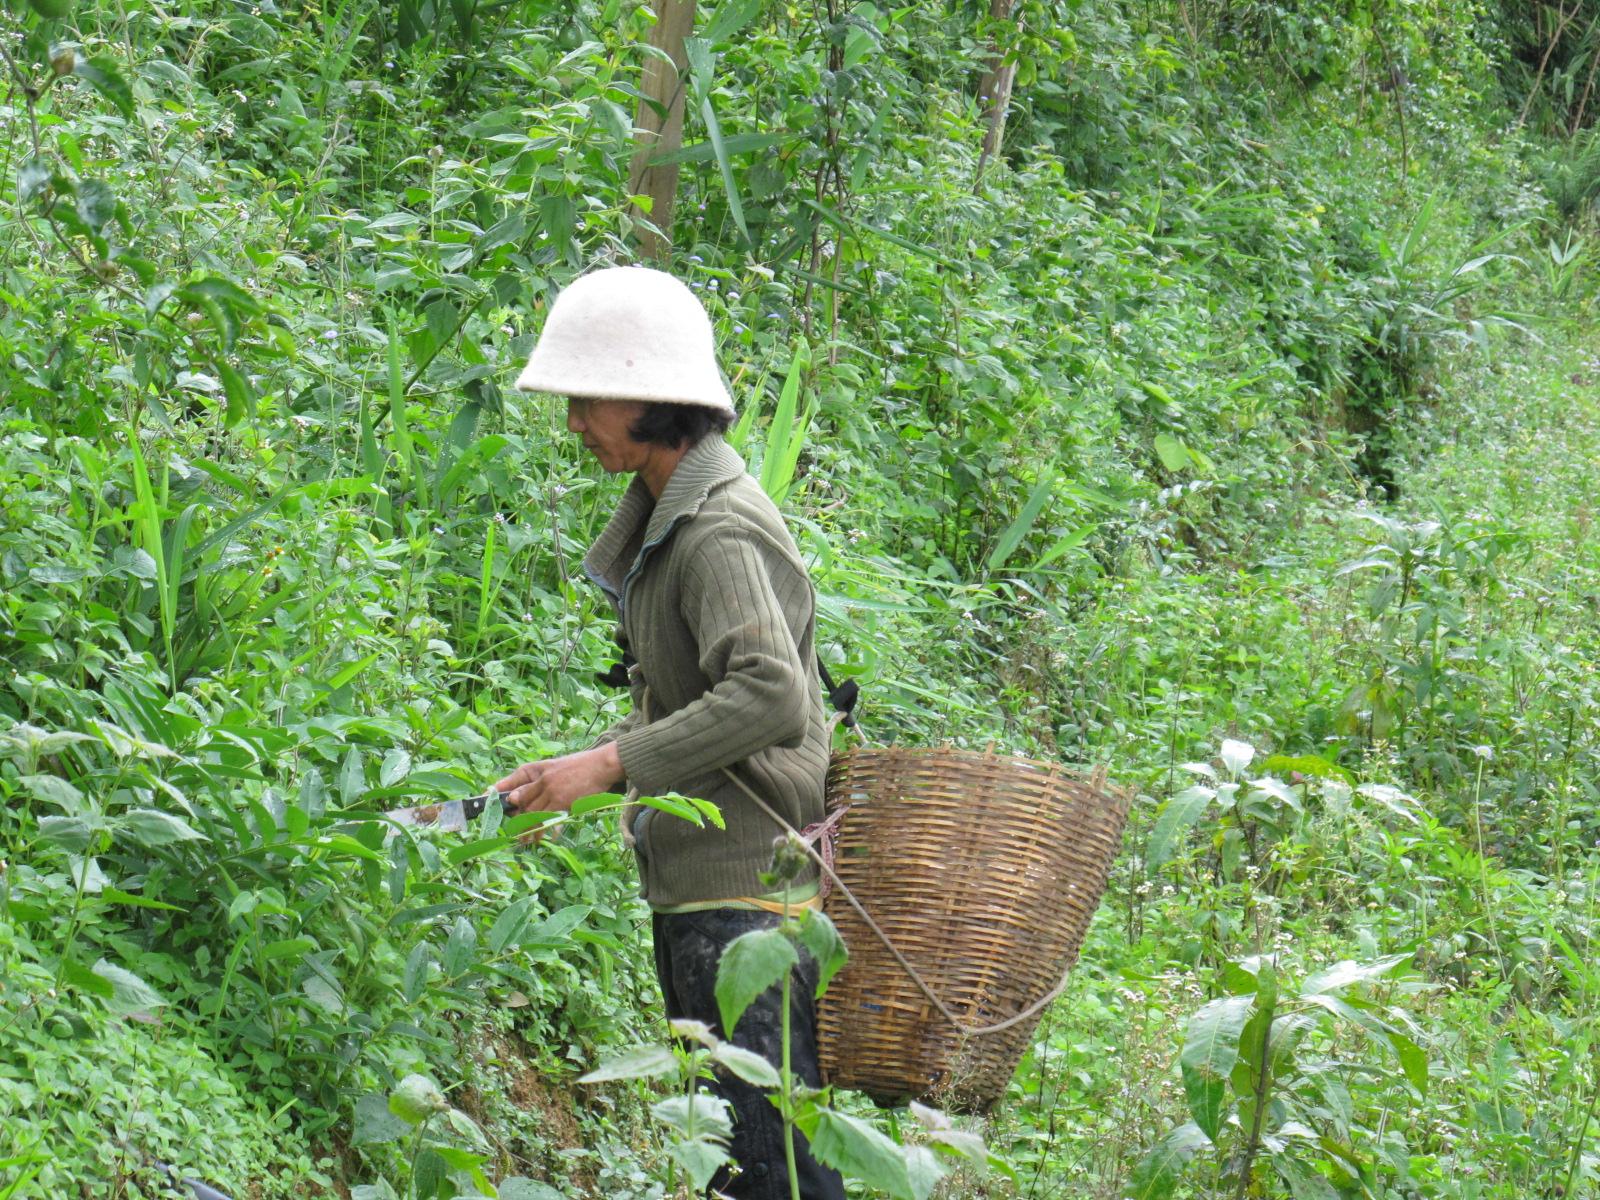 Woman-collecting-edible-fungi-in-Yunnan-China-Naveen-Dissanayake - CGIAR